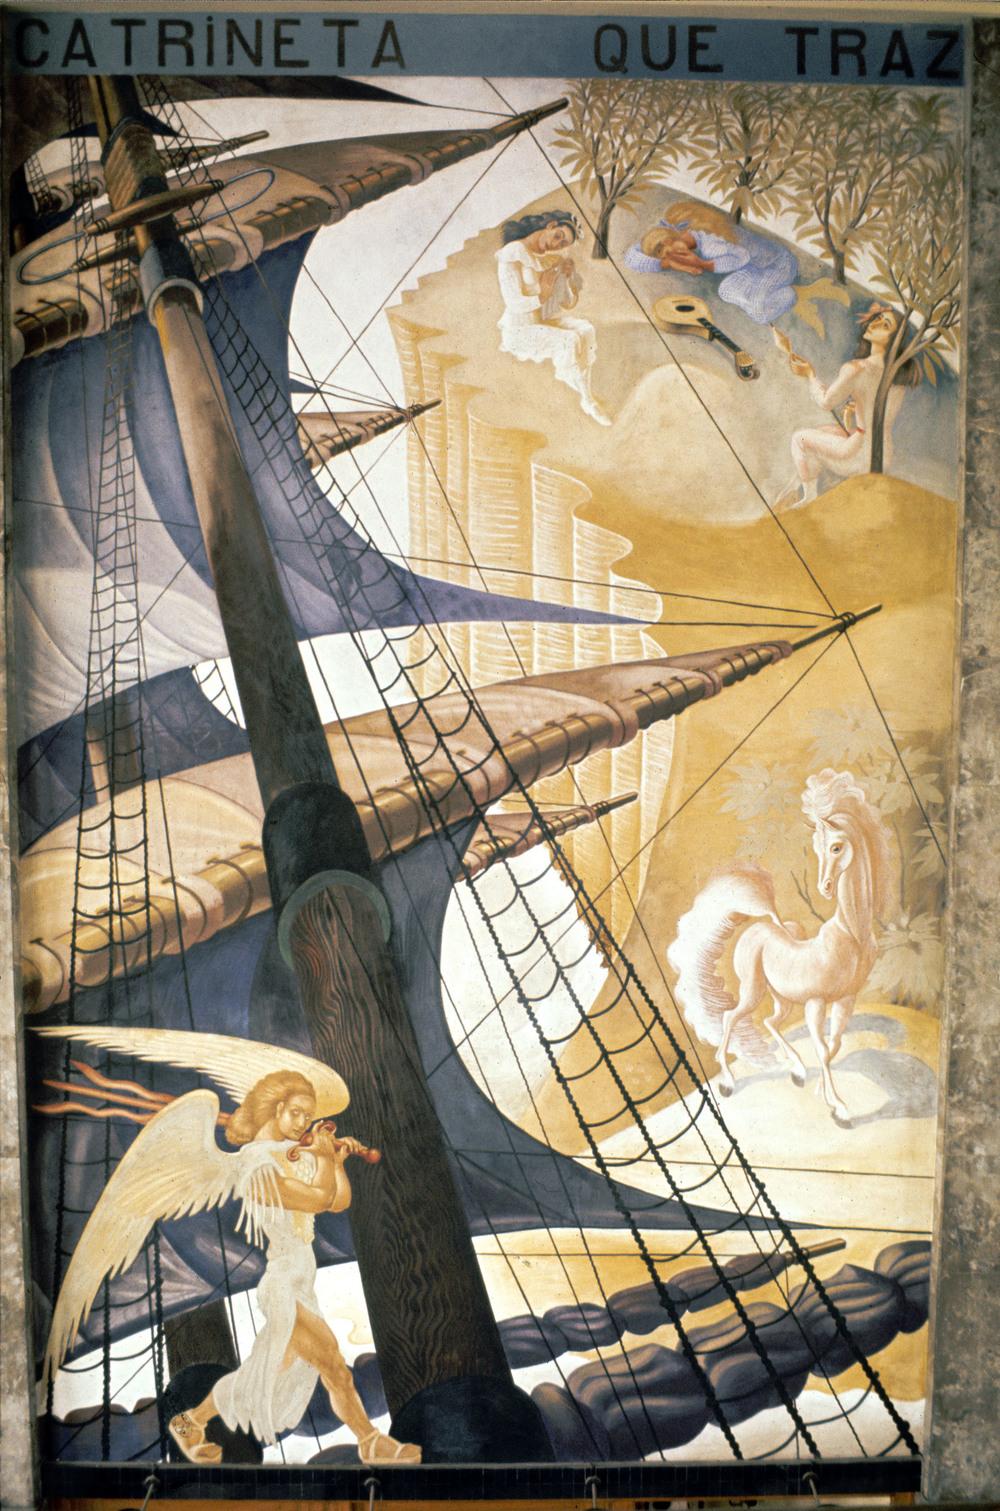 """""""Lá vem a nau  Catrineta  que traz muito que contar"""" (""""Here comes the ship  Catrineta  that brings much to tell"""") Artist: José de Almada Negreiros   Photo: Mário Novais, ca. 1943-1945, Lisbon  [CFT003_098024]"""